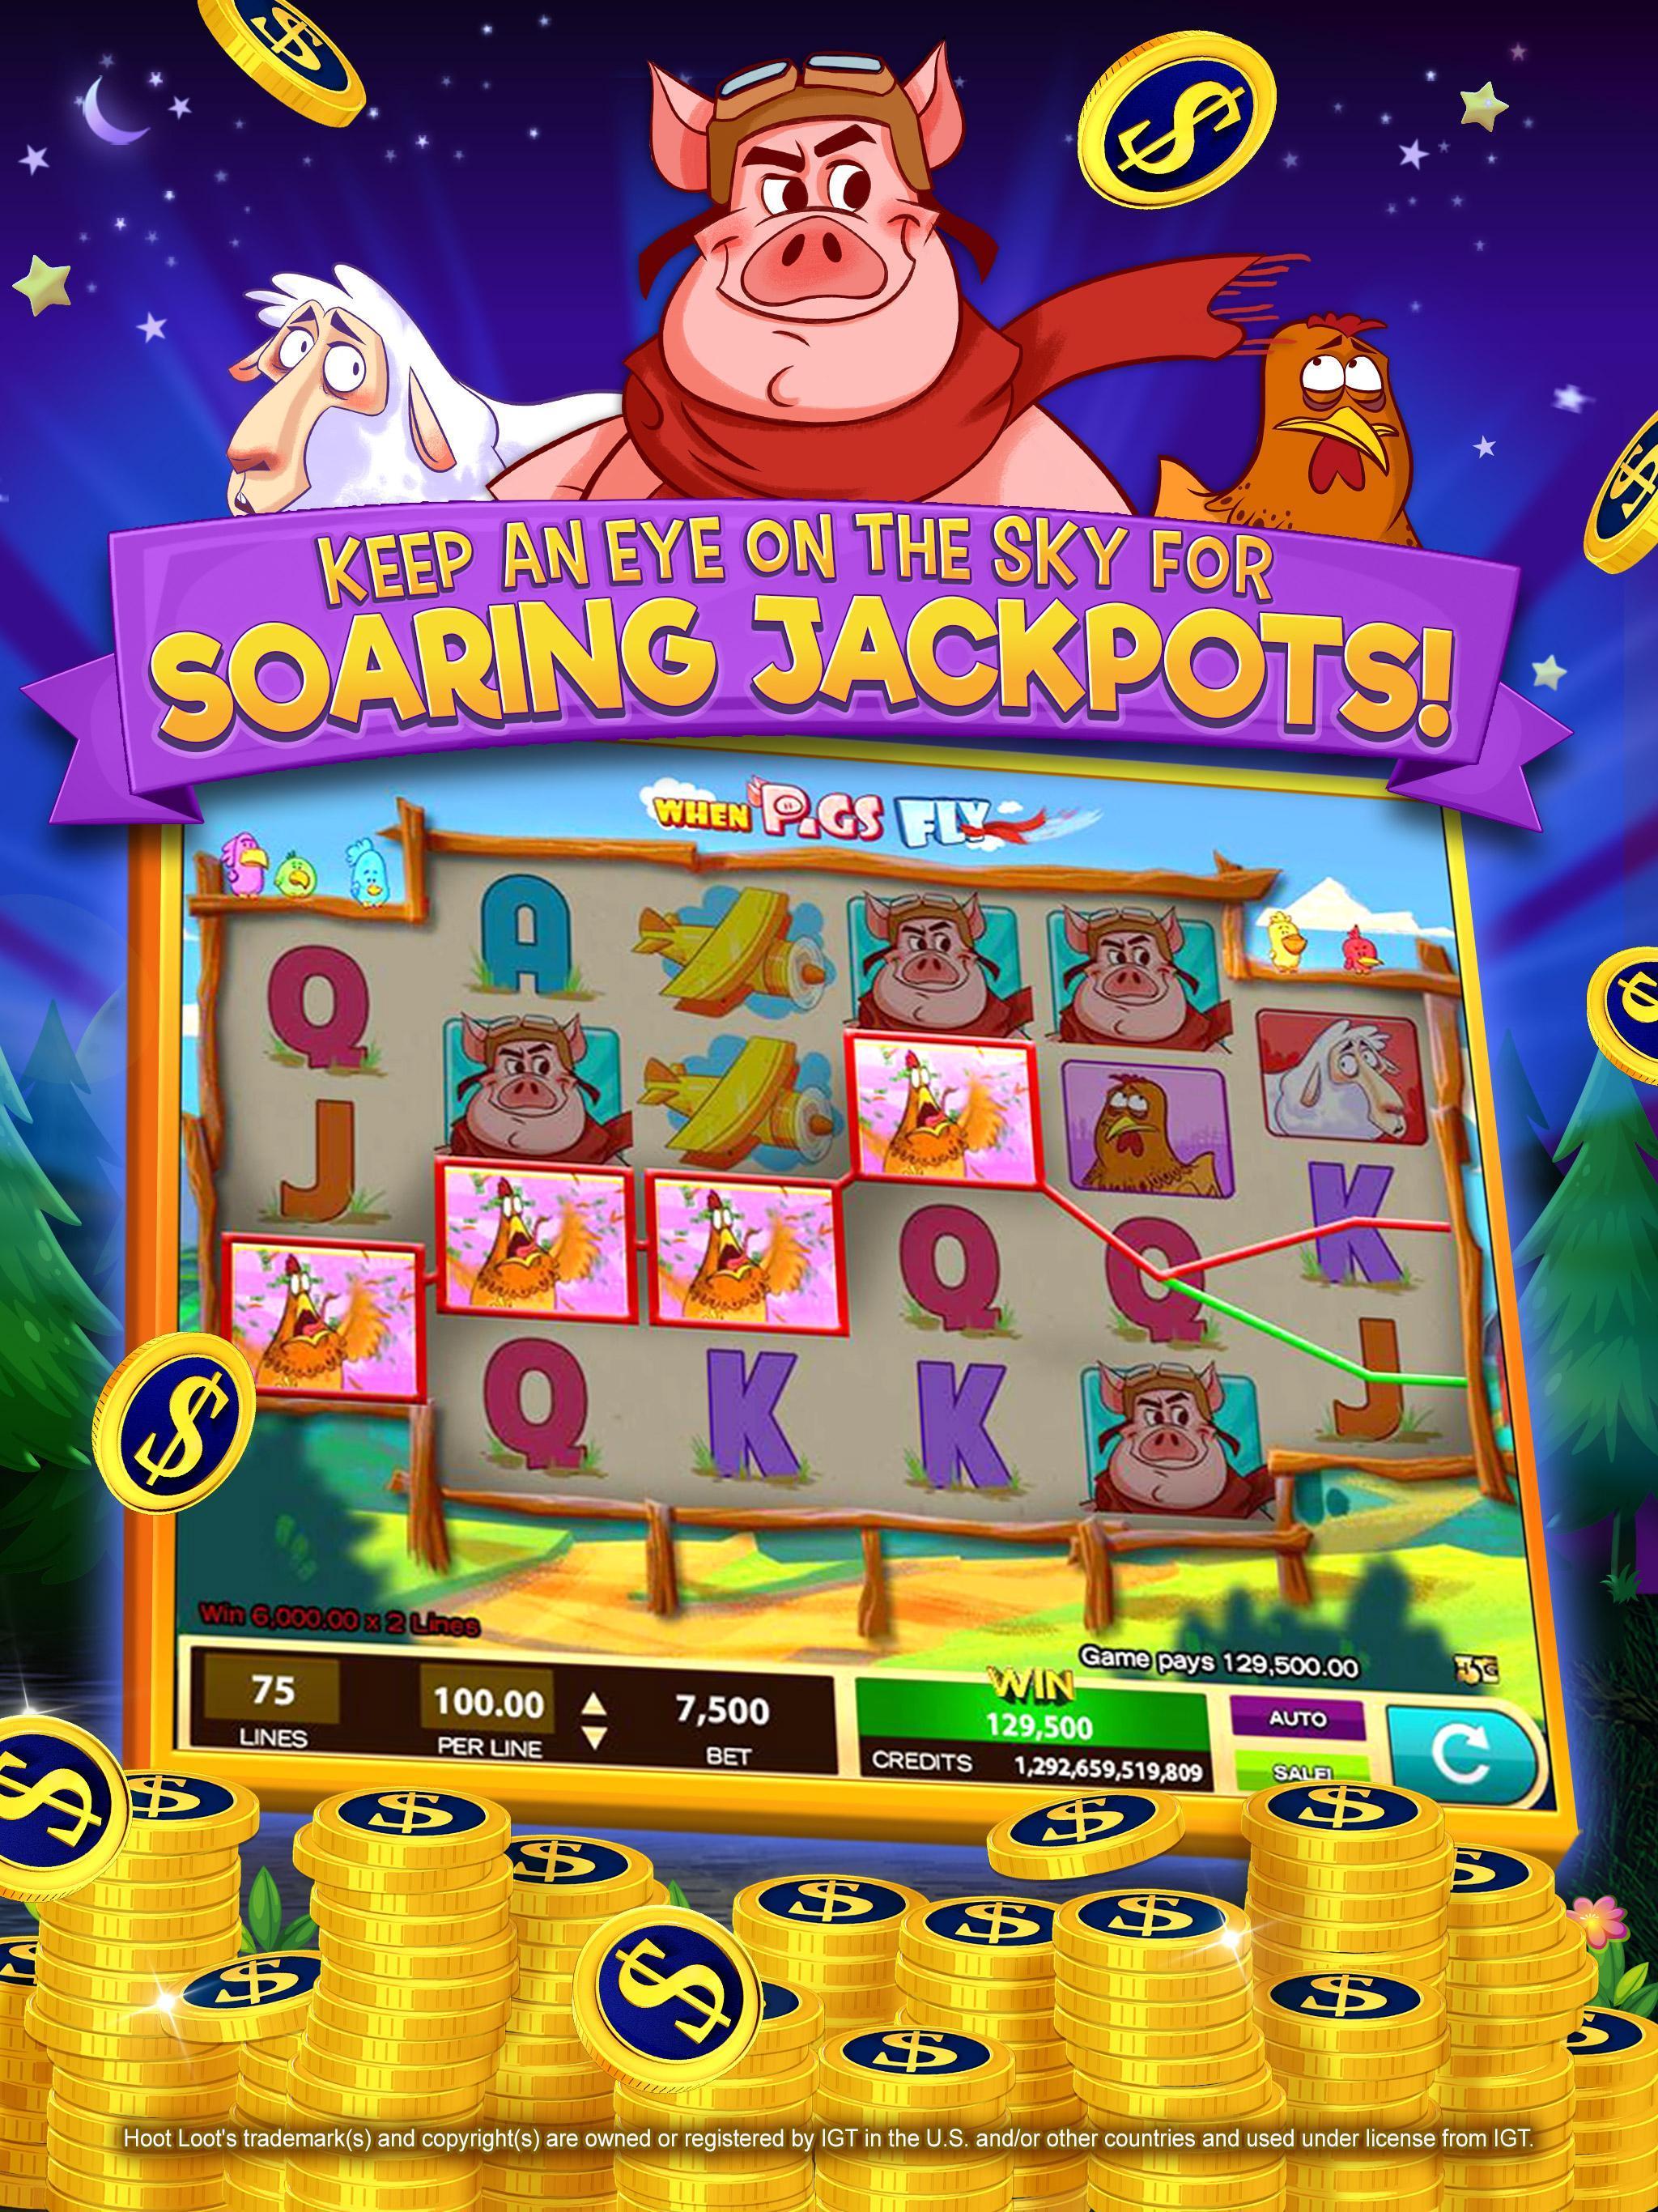 hoot loot spielautomat